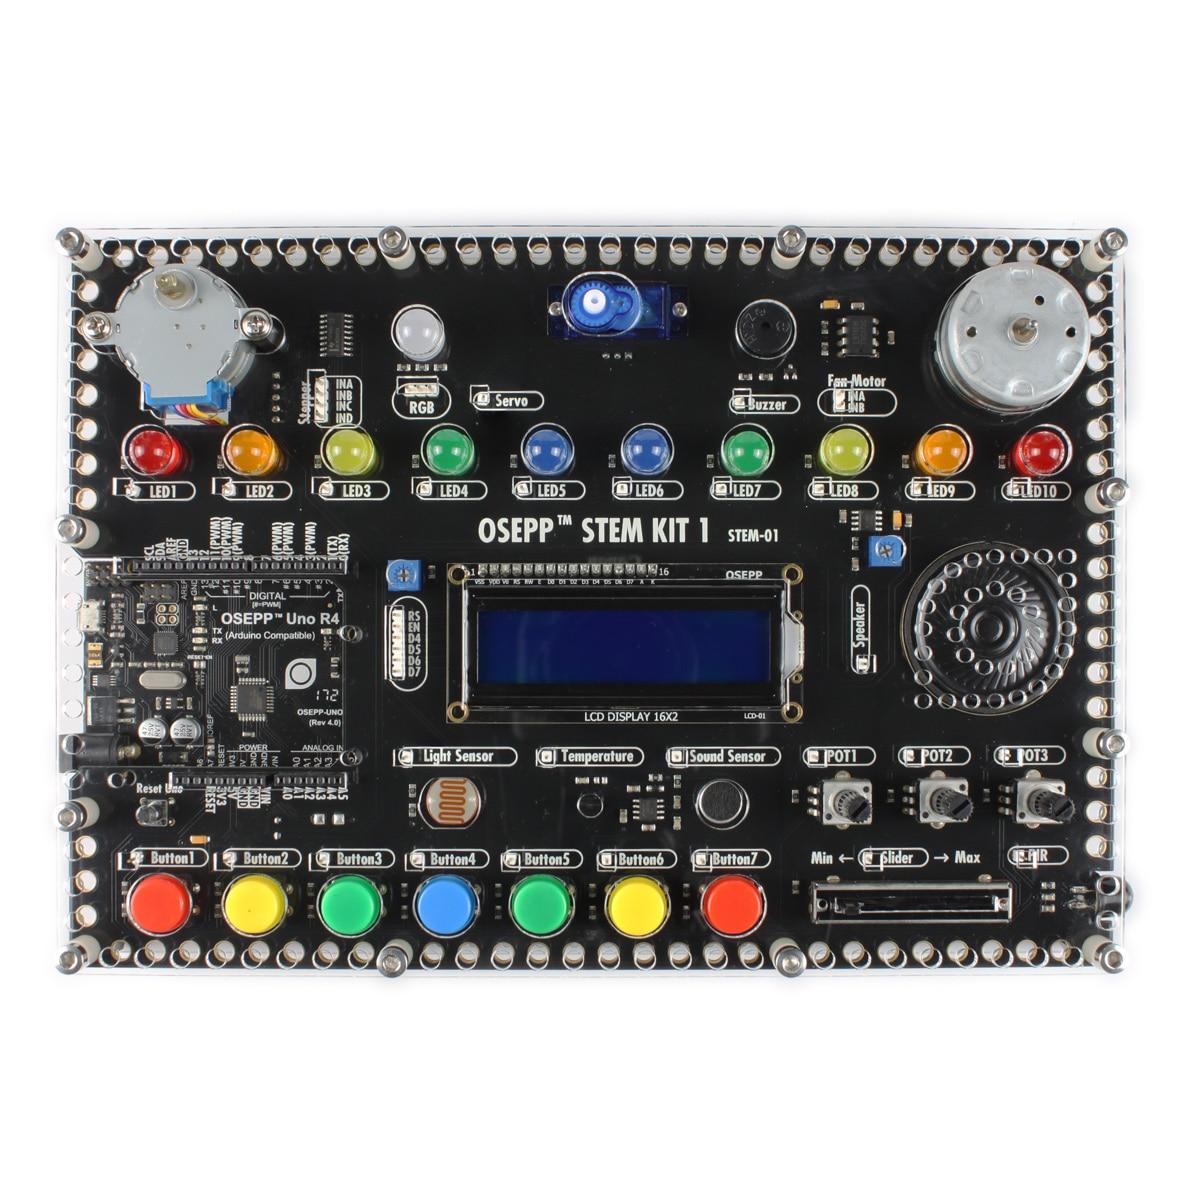 Osepp Stem Hub Alles In Een Geïntegreerde Ontwikkelomgeving-Arduino Start Kit Voor Programmering Elektronische Beginer 5